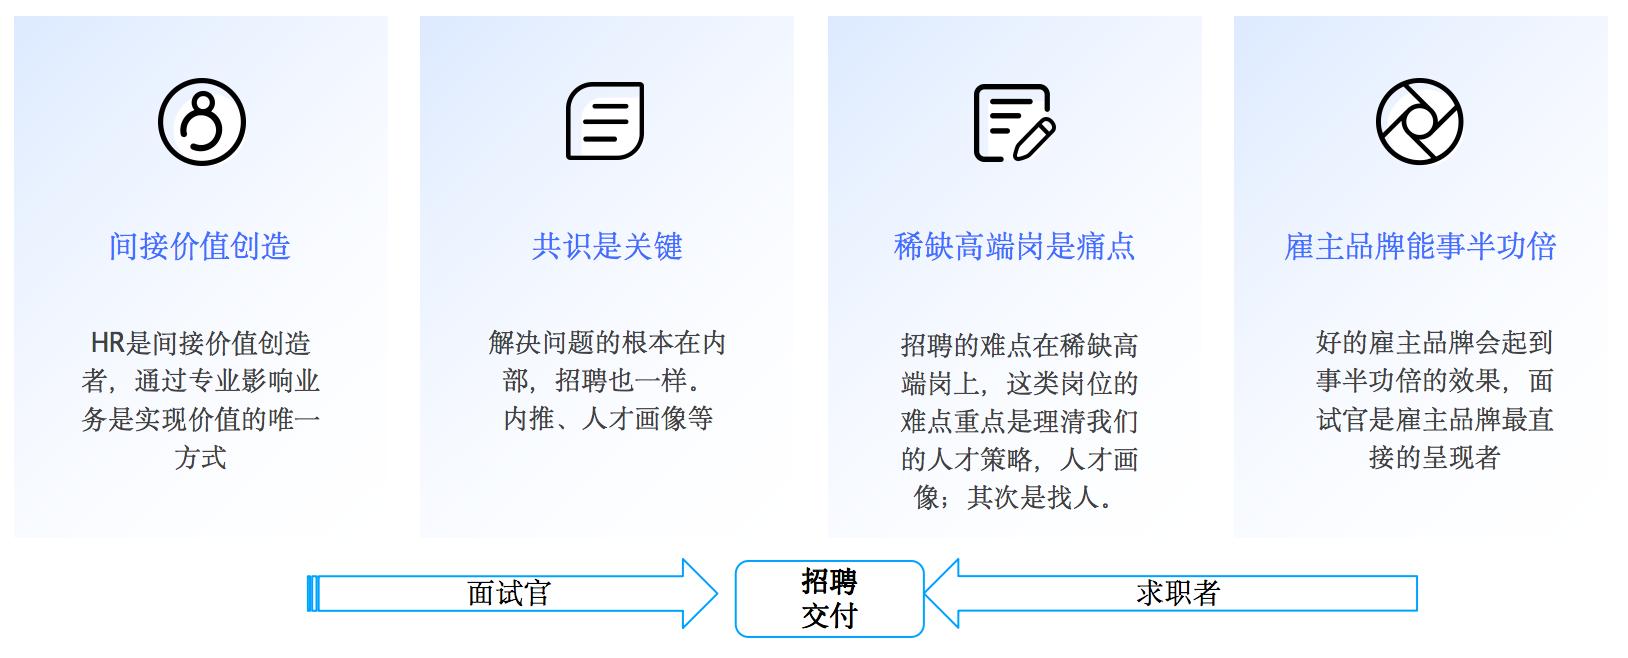 干货分享|傲基前人力资源总监Felix:做好面试官运营,打造雇主好口碑-Moka智能化招聘系统